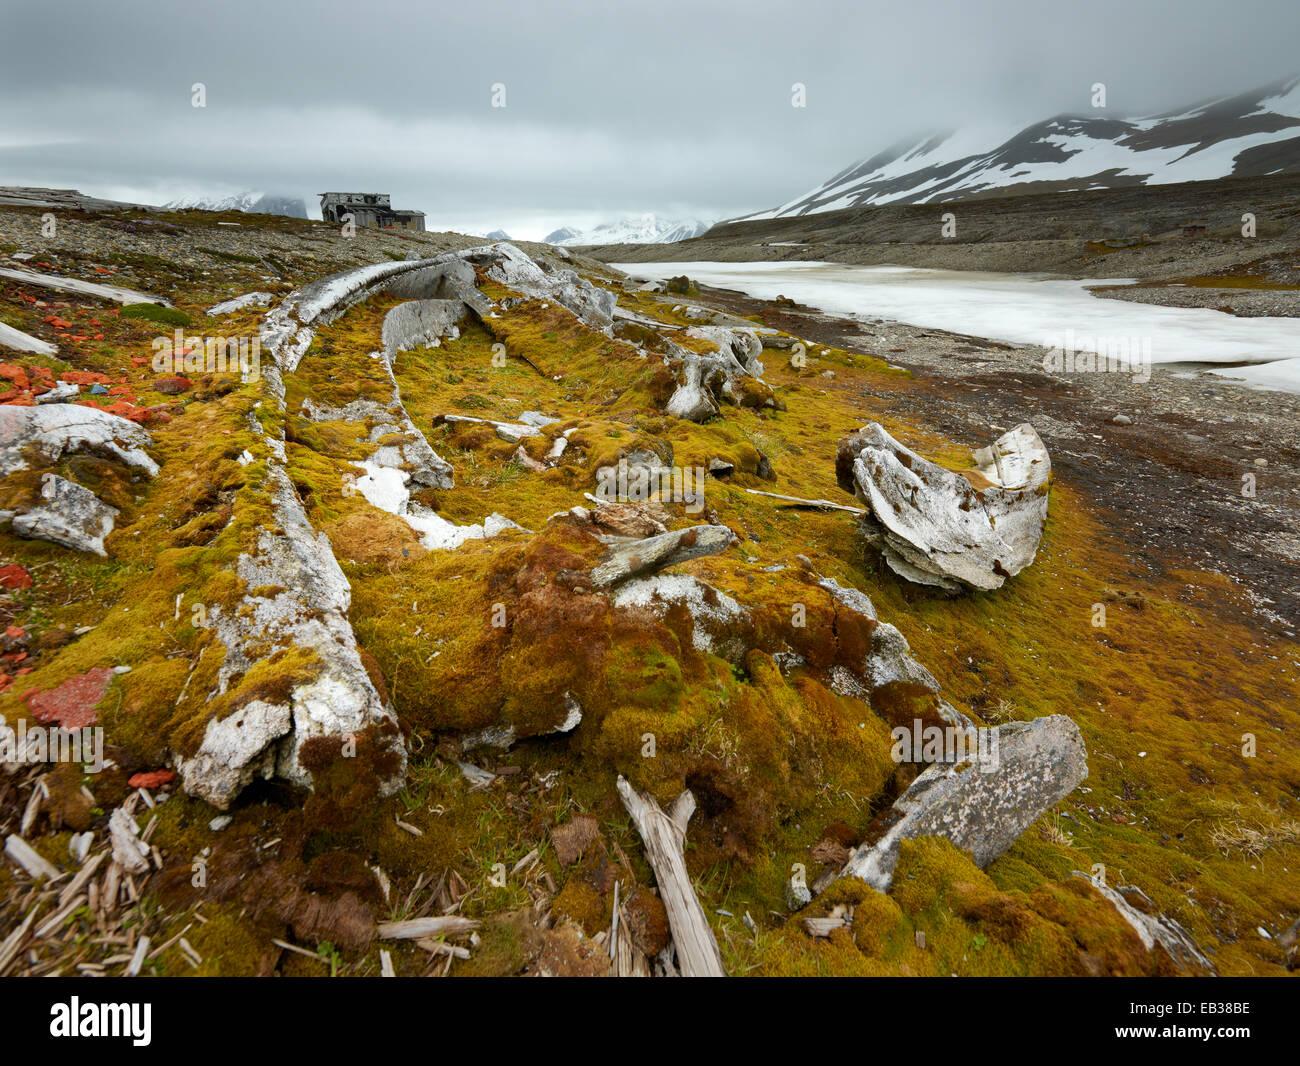 Alten Walknochen, bewachsen mit Moos, Spitzbergen-Island, Spitzbergen, Svalbard und Jan Mayen, Norwegen Stockfoto